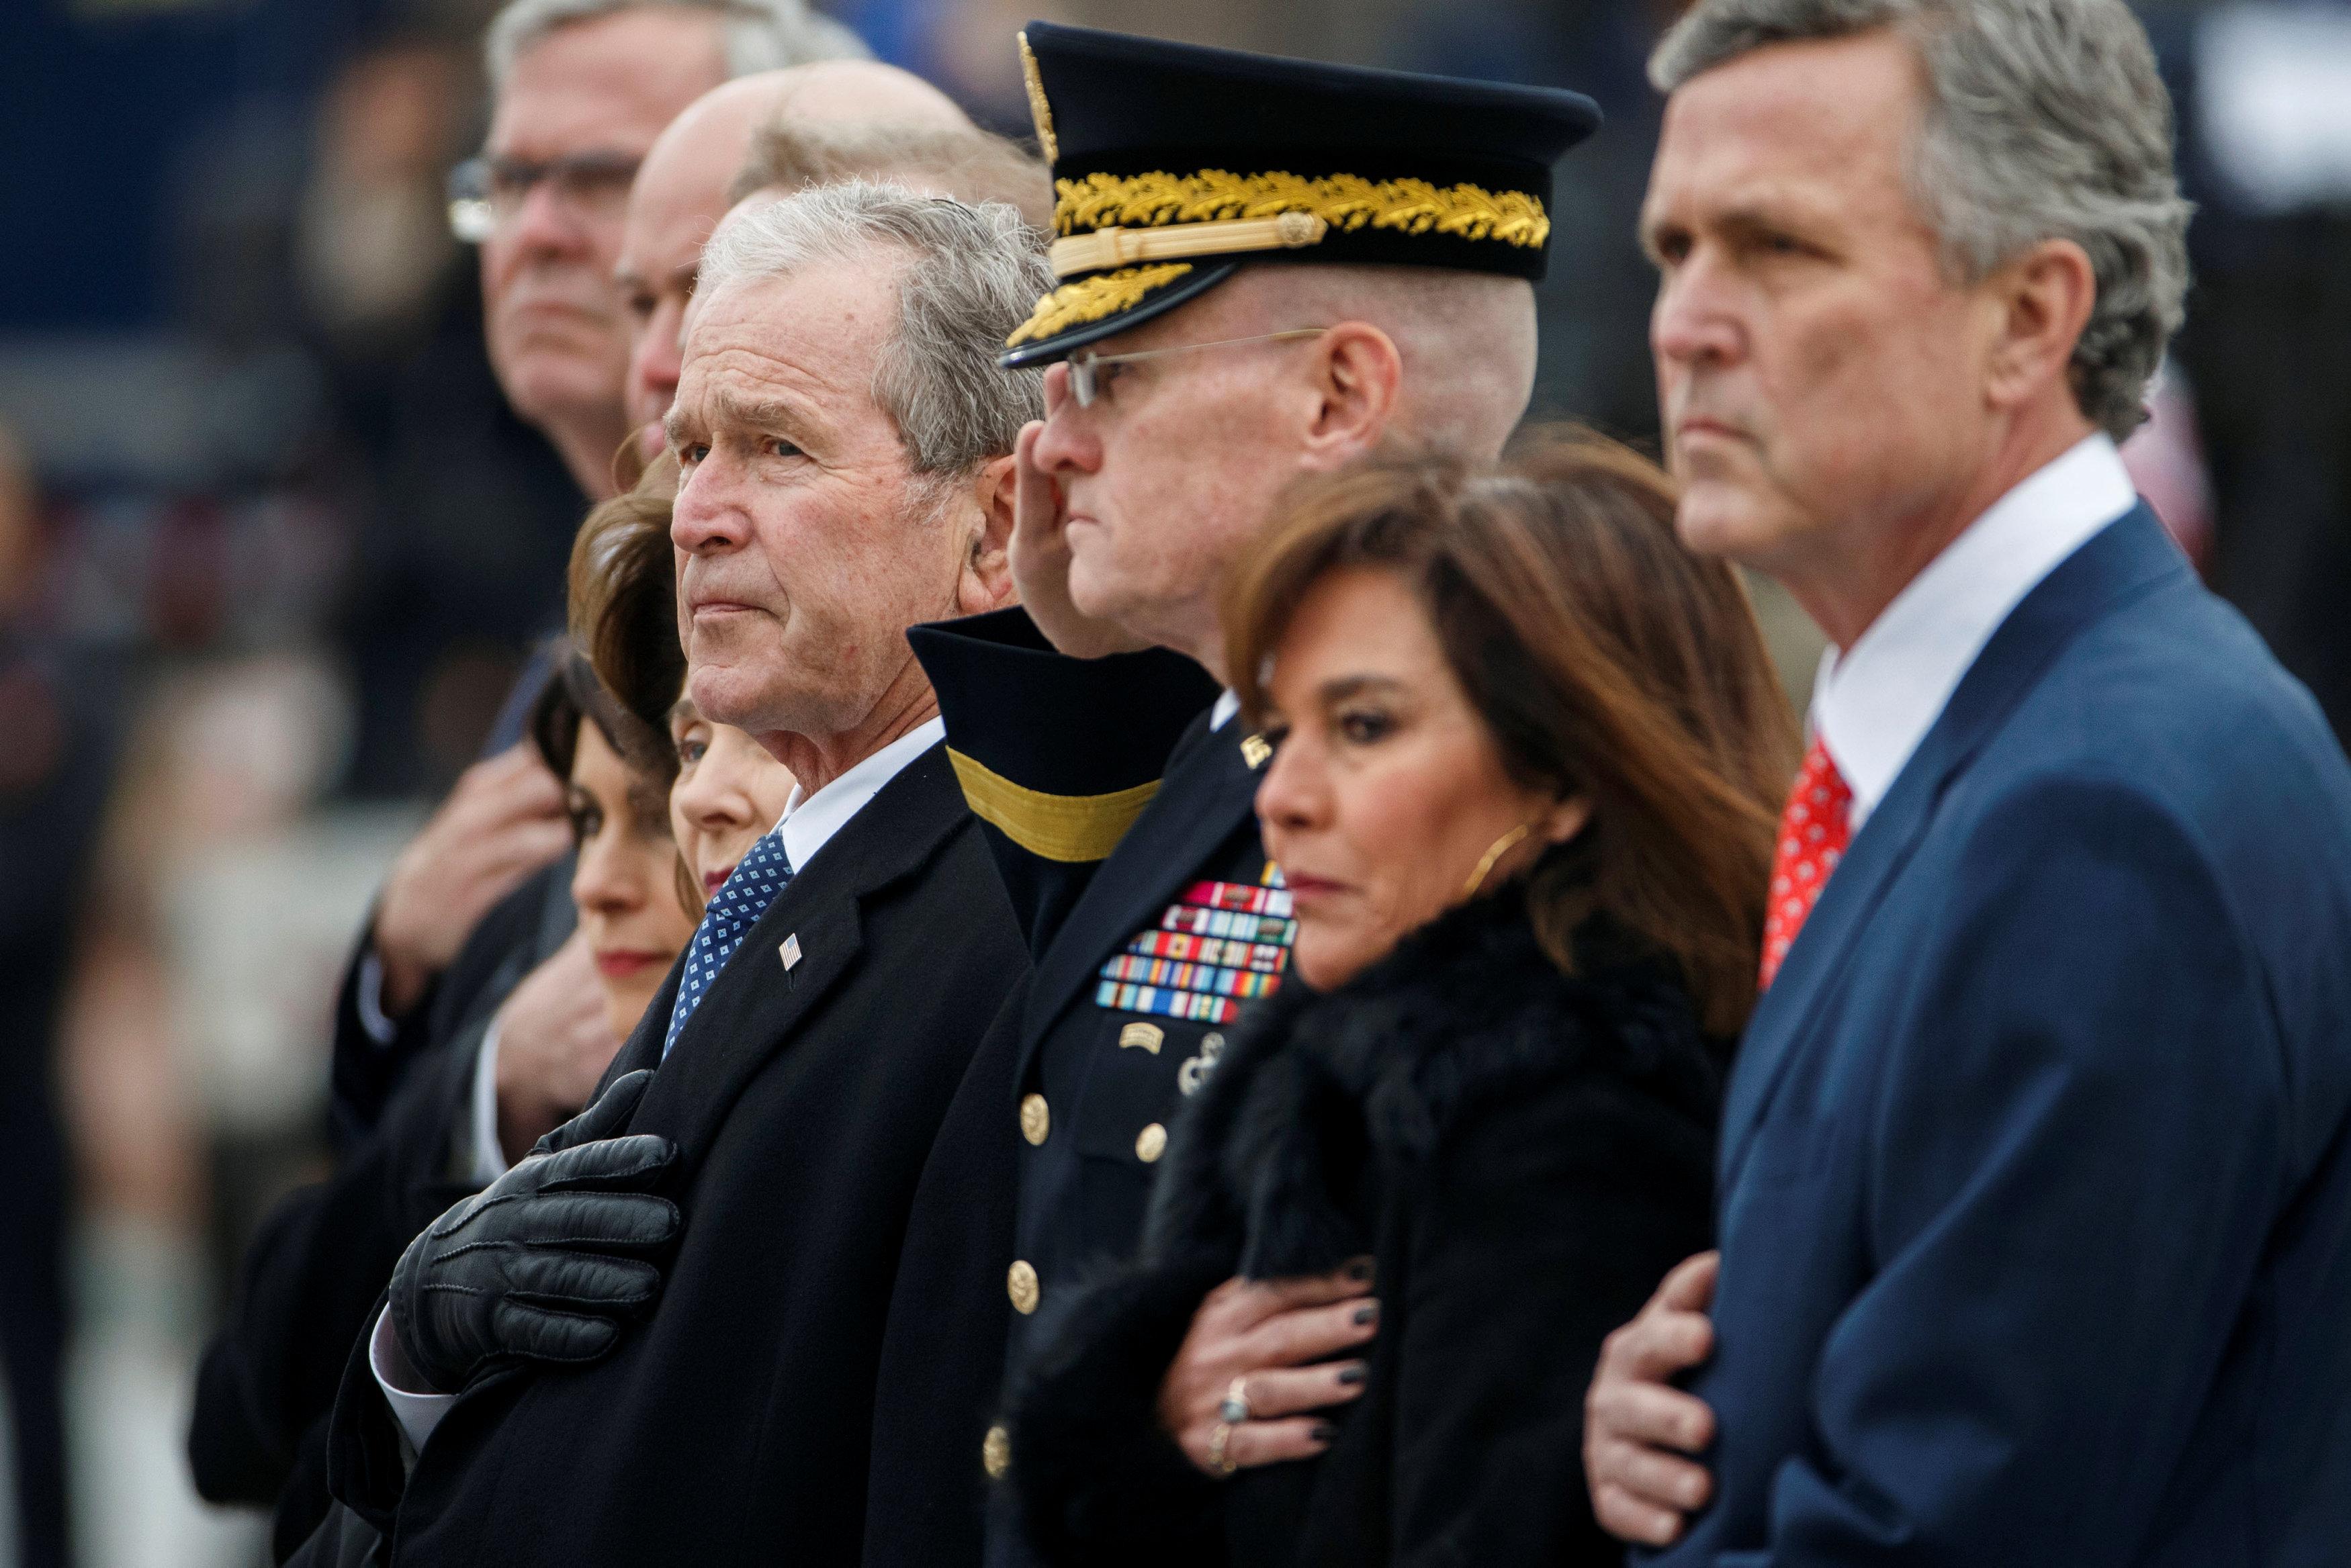 انطلاق مراسم جنازة الرئيس الأمريكى جورج بوش الأب (14)